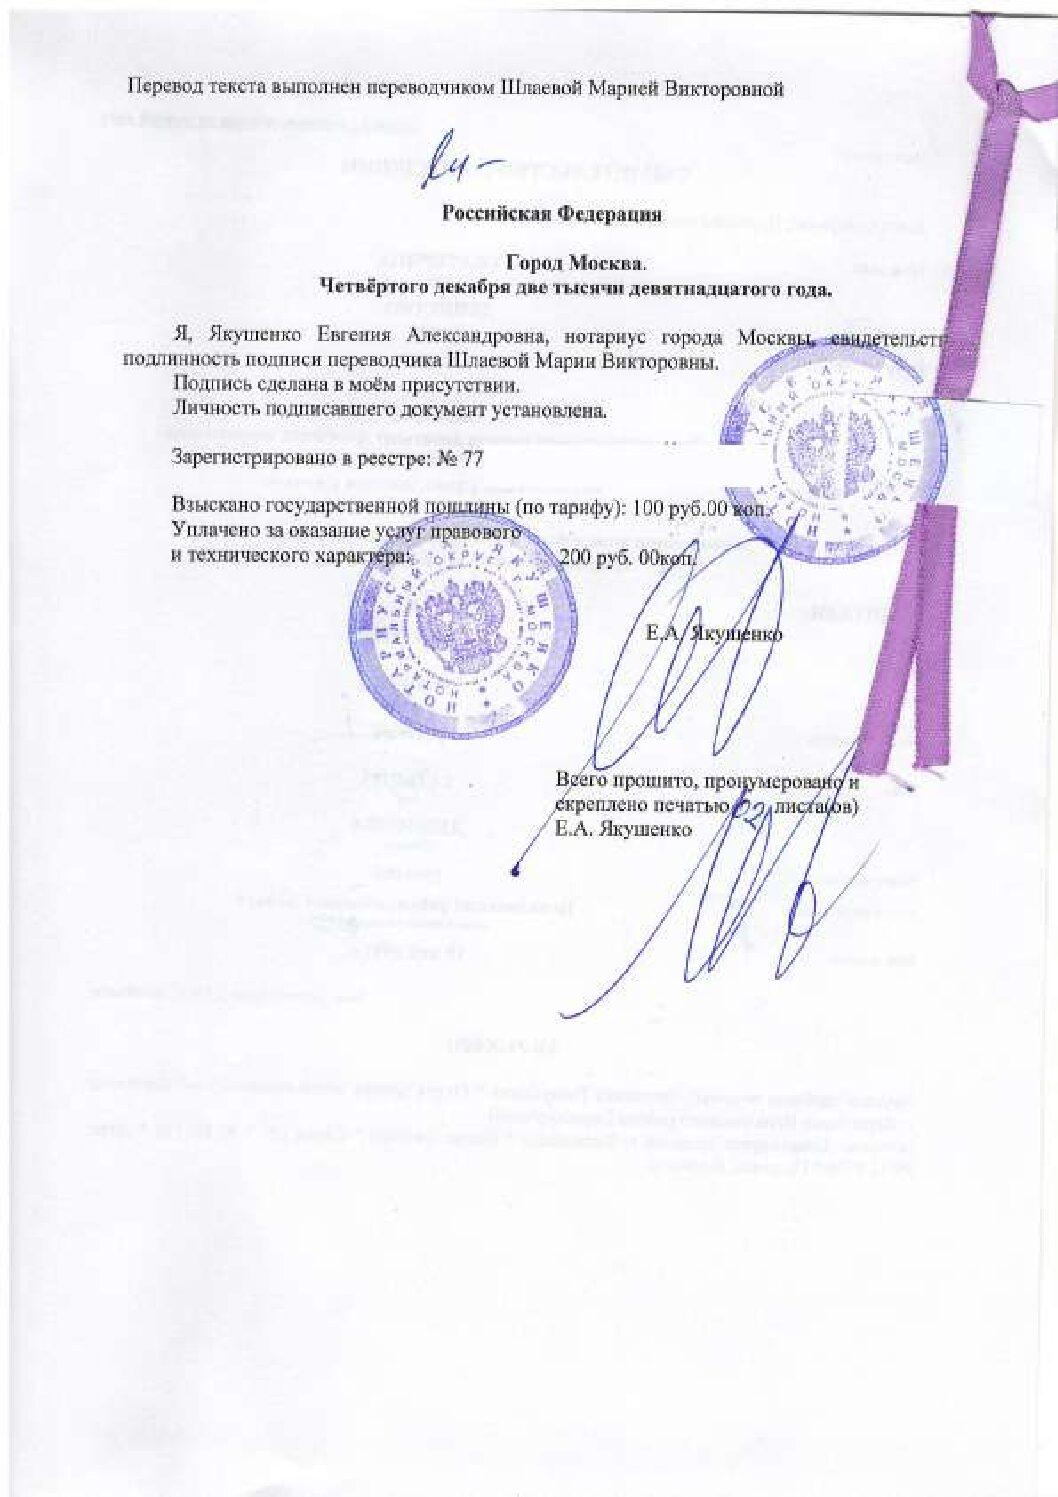 Пример нотариального перевода свидетельства о рождении с литовского